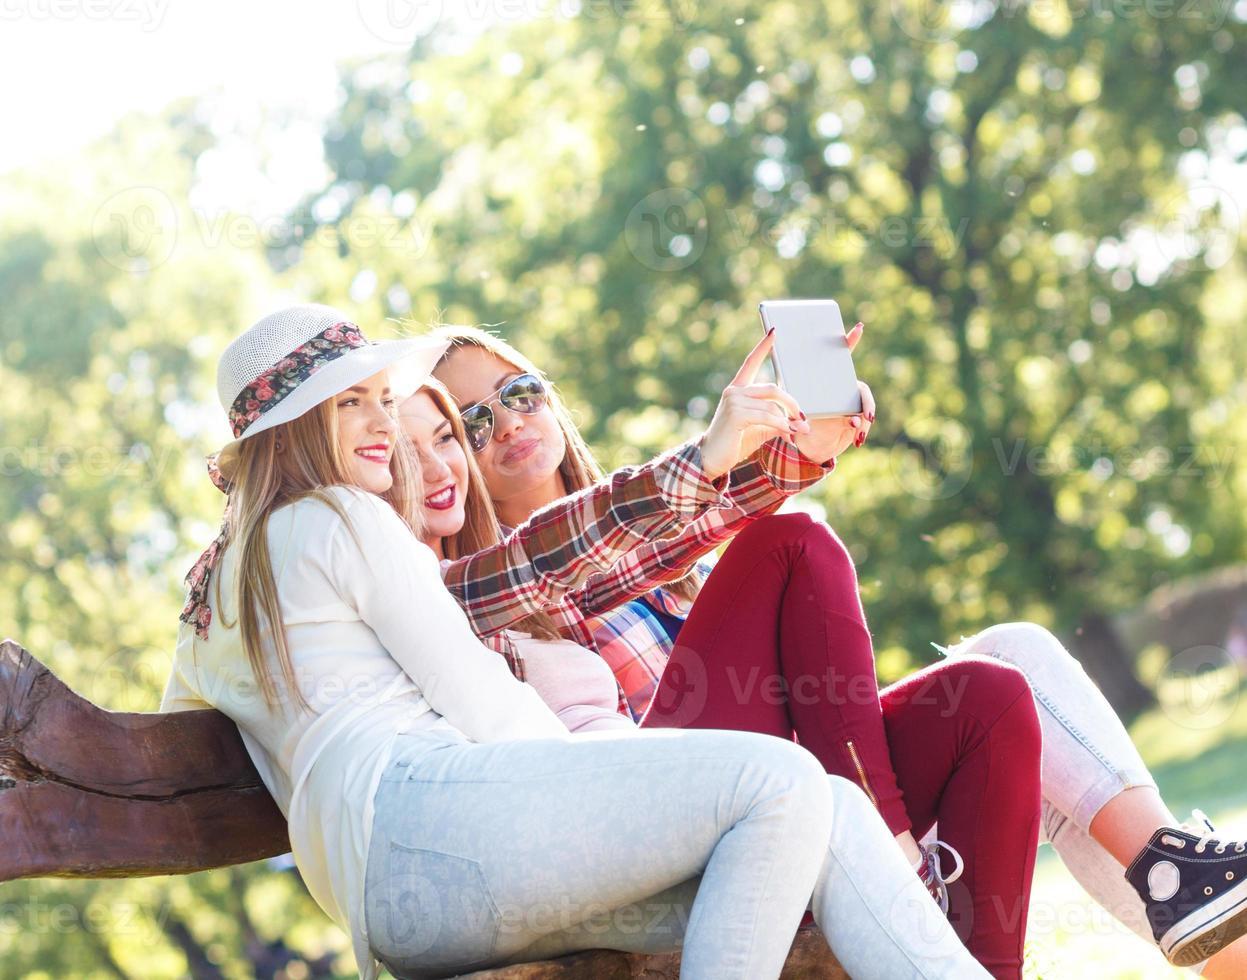 três amigos fazendo selfie foto